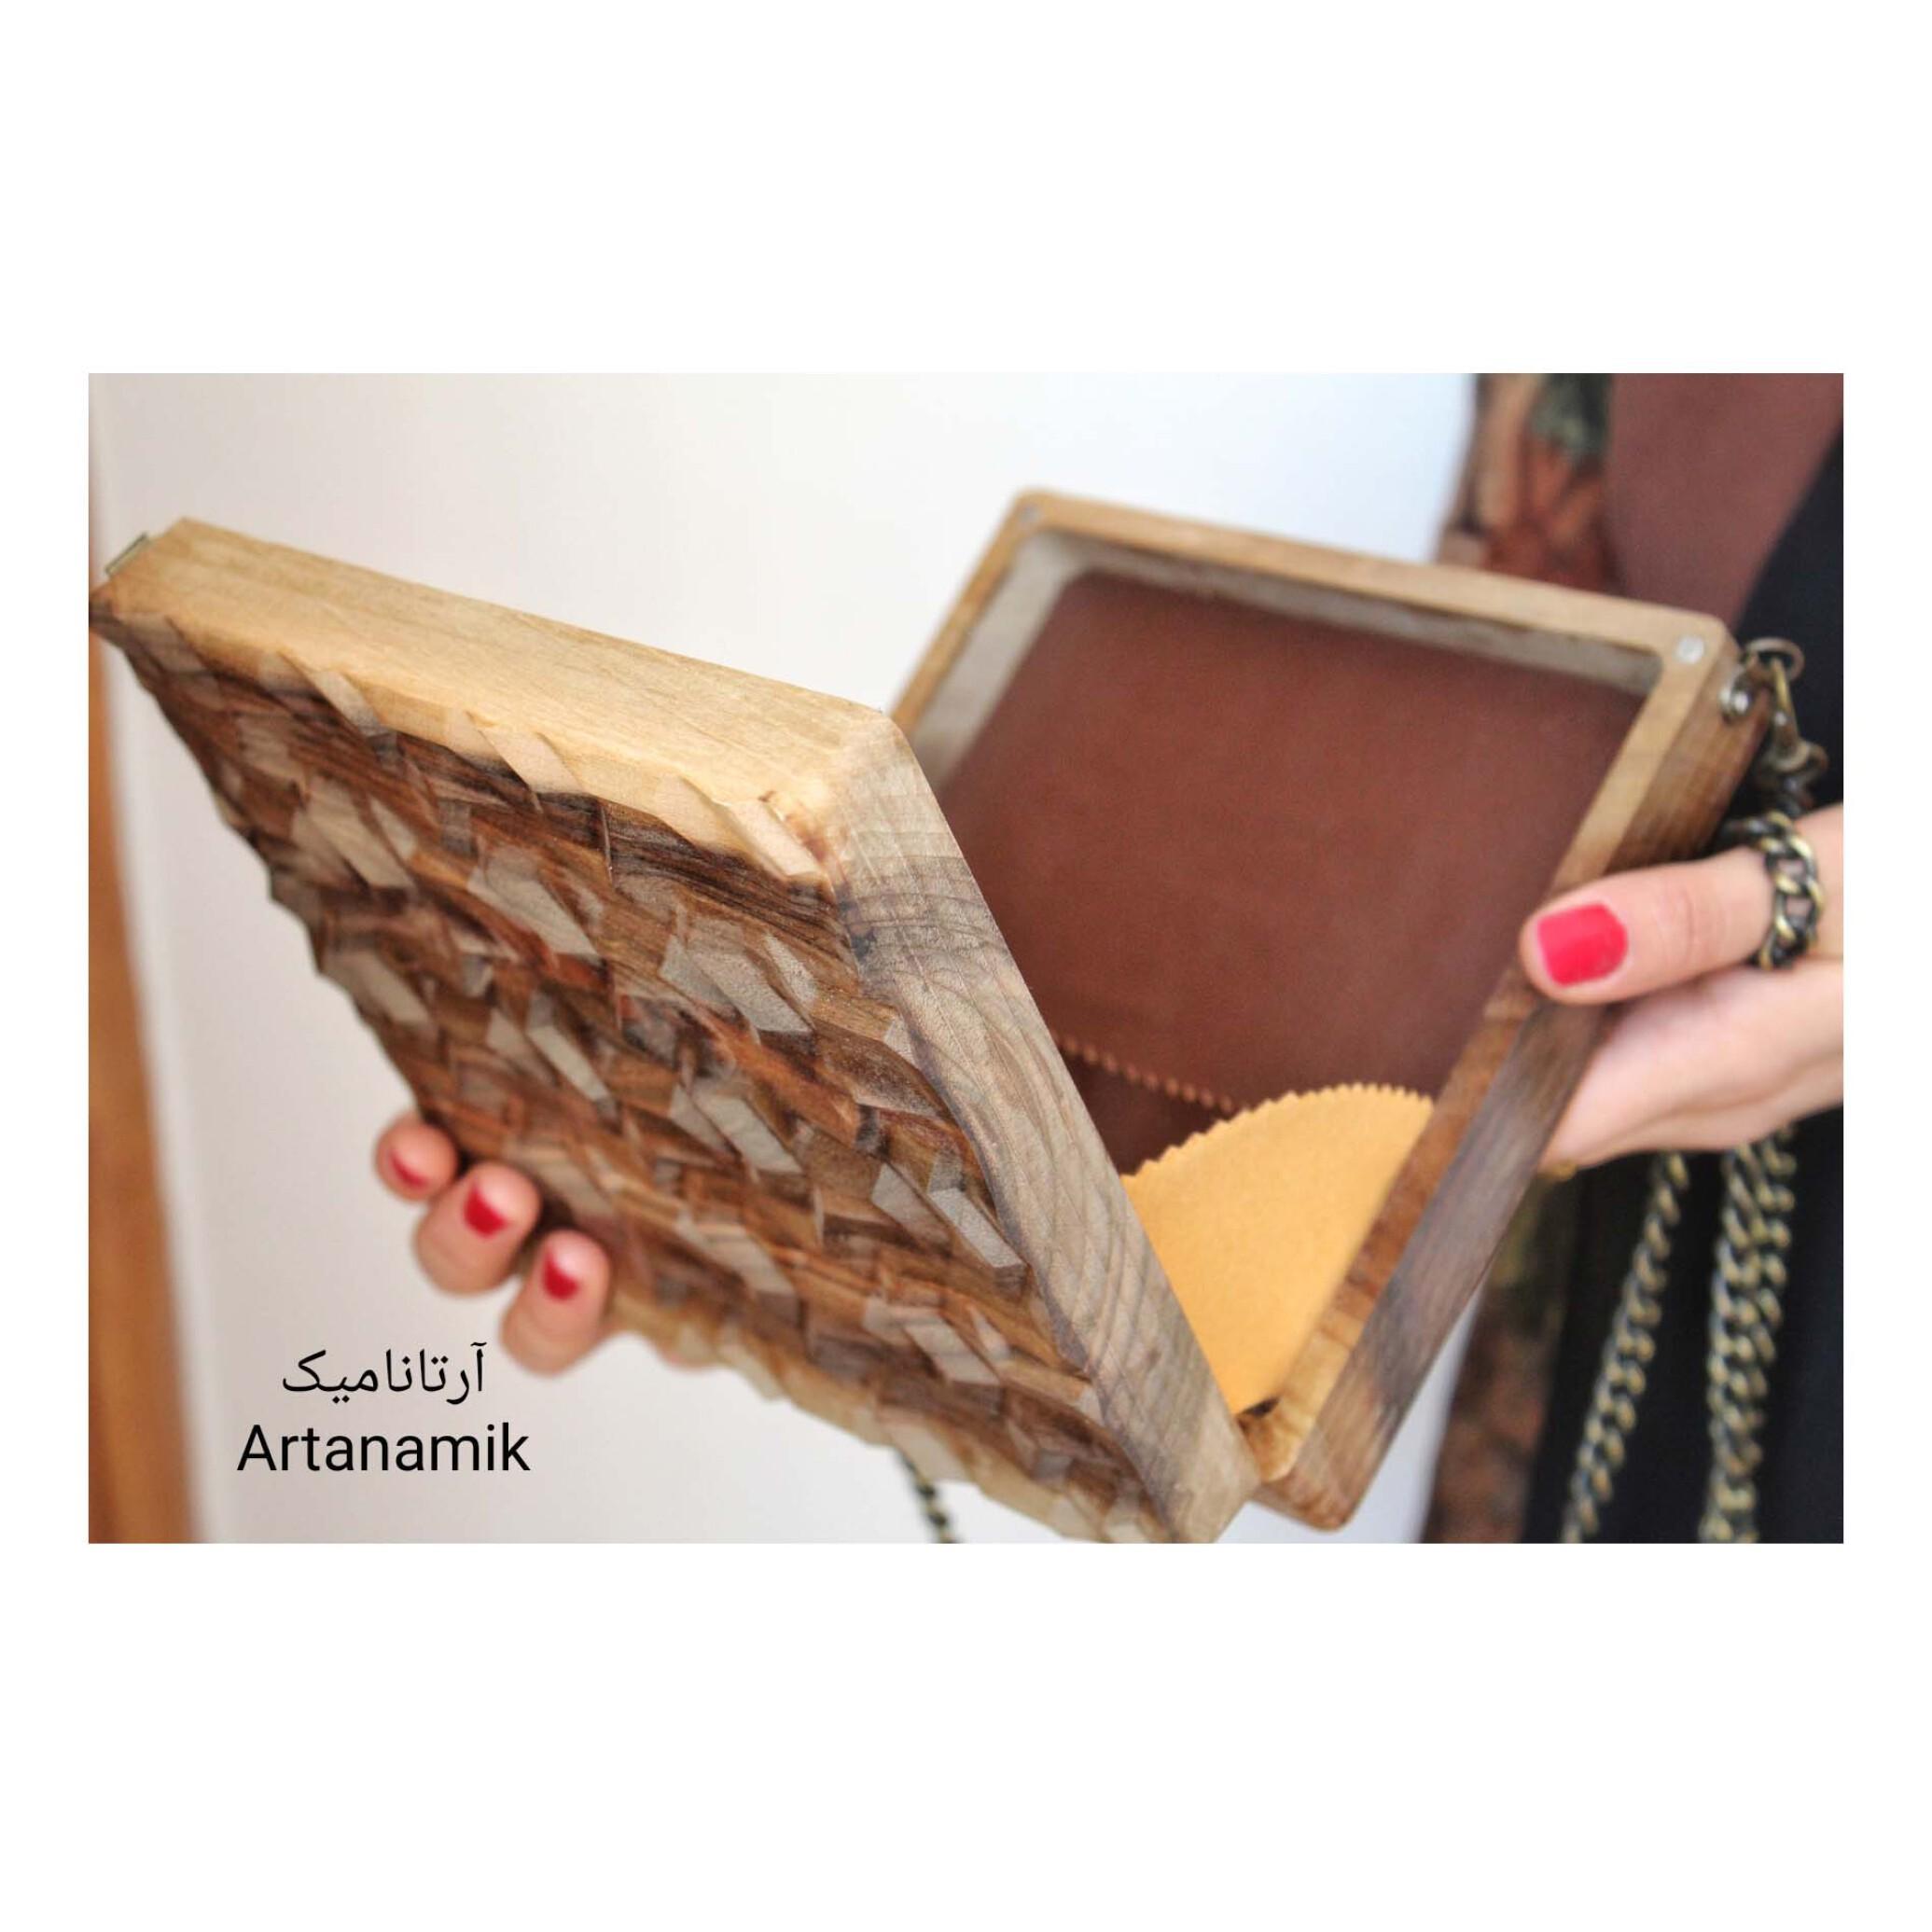 کیف چوبی کادویی، چرم دوزی شده و ساخته شده از چوب گردو